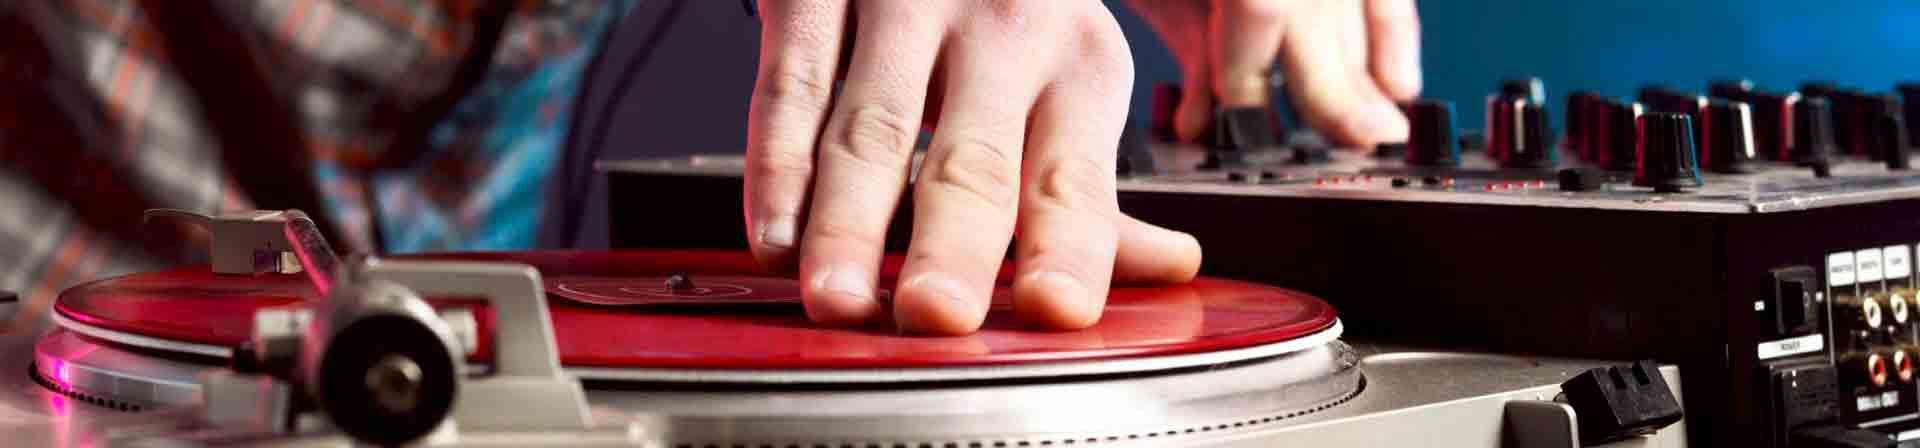 Jeden Donnerstag, Freitag und Samstag sorgen im mama thresl ab 21 Uhr Live-DJs und DJanes für angesagte Beats und coolen Sound.